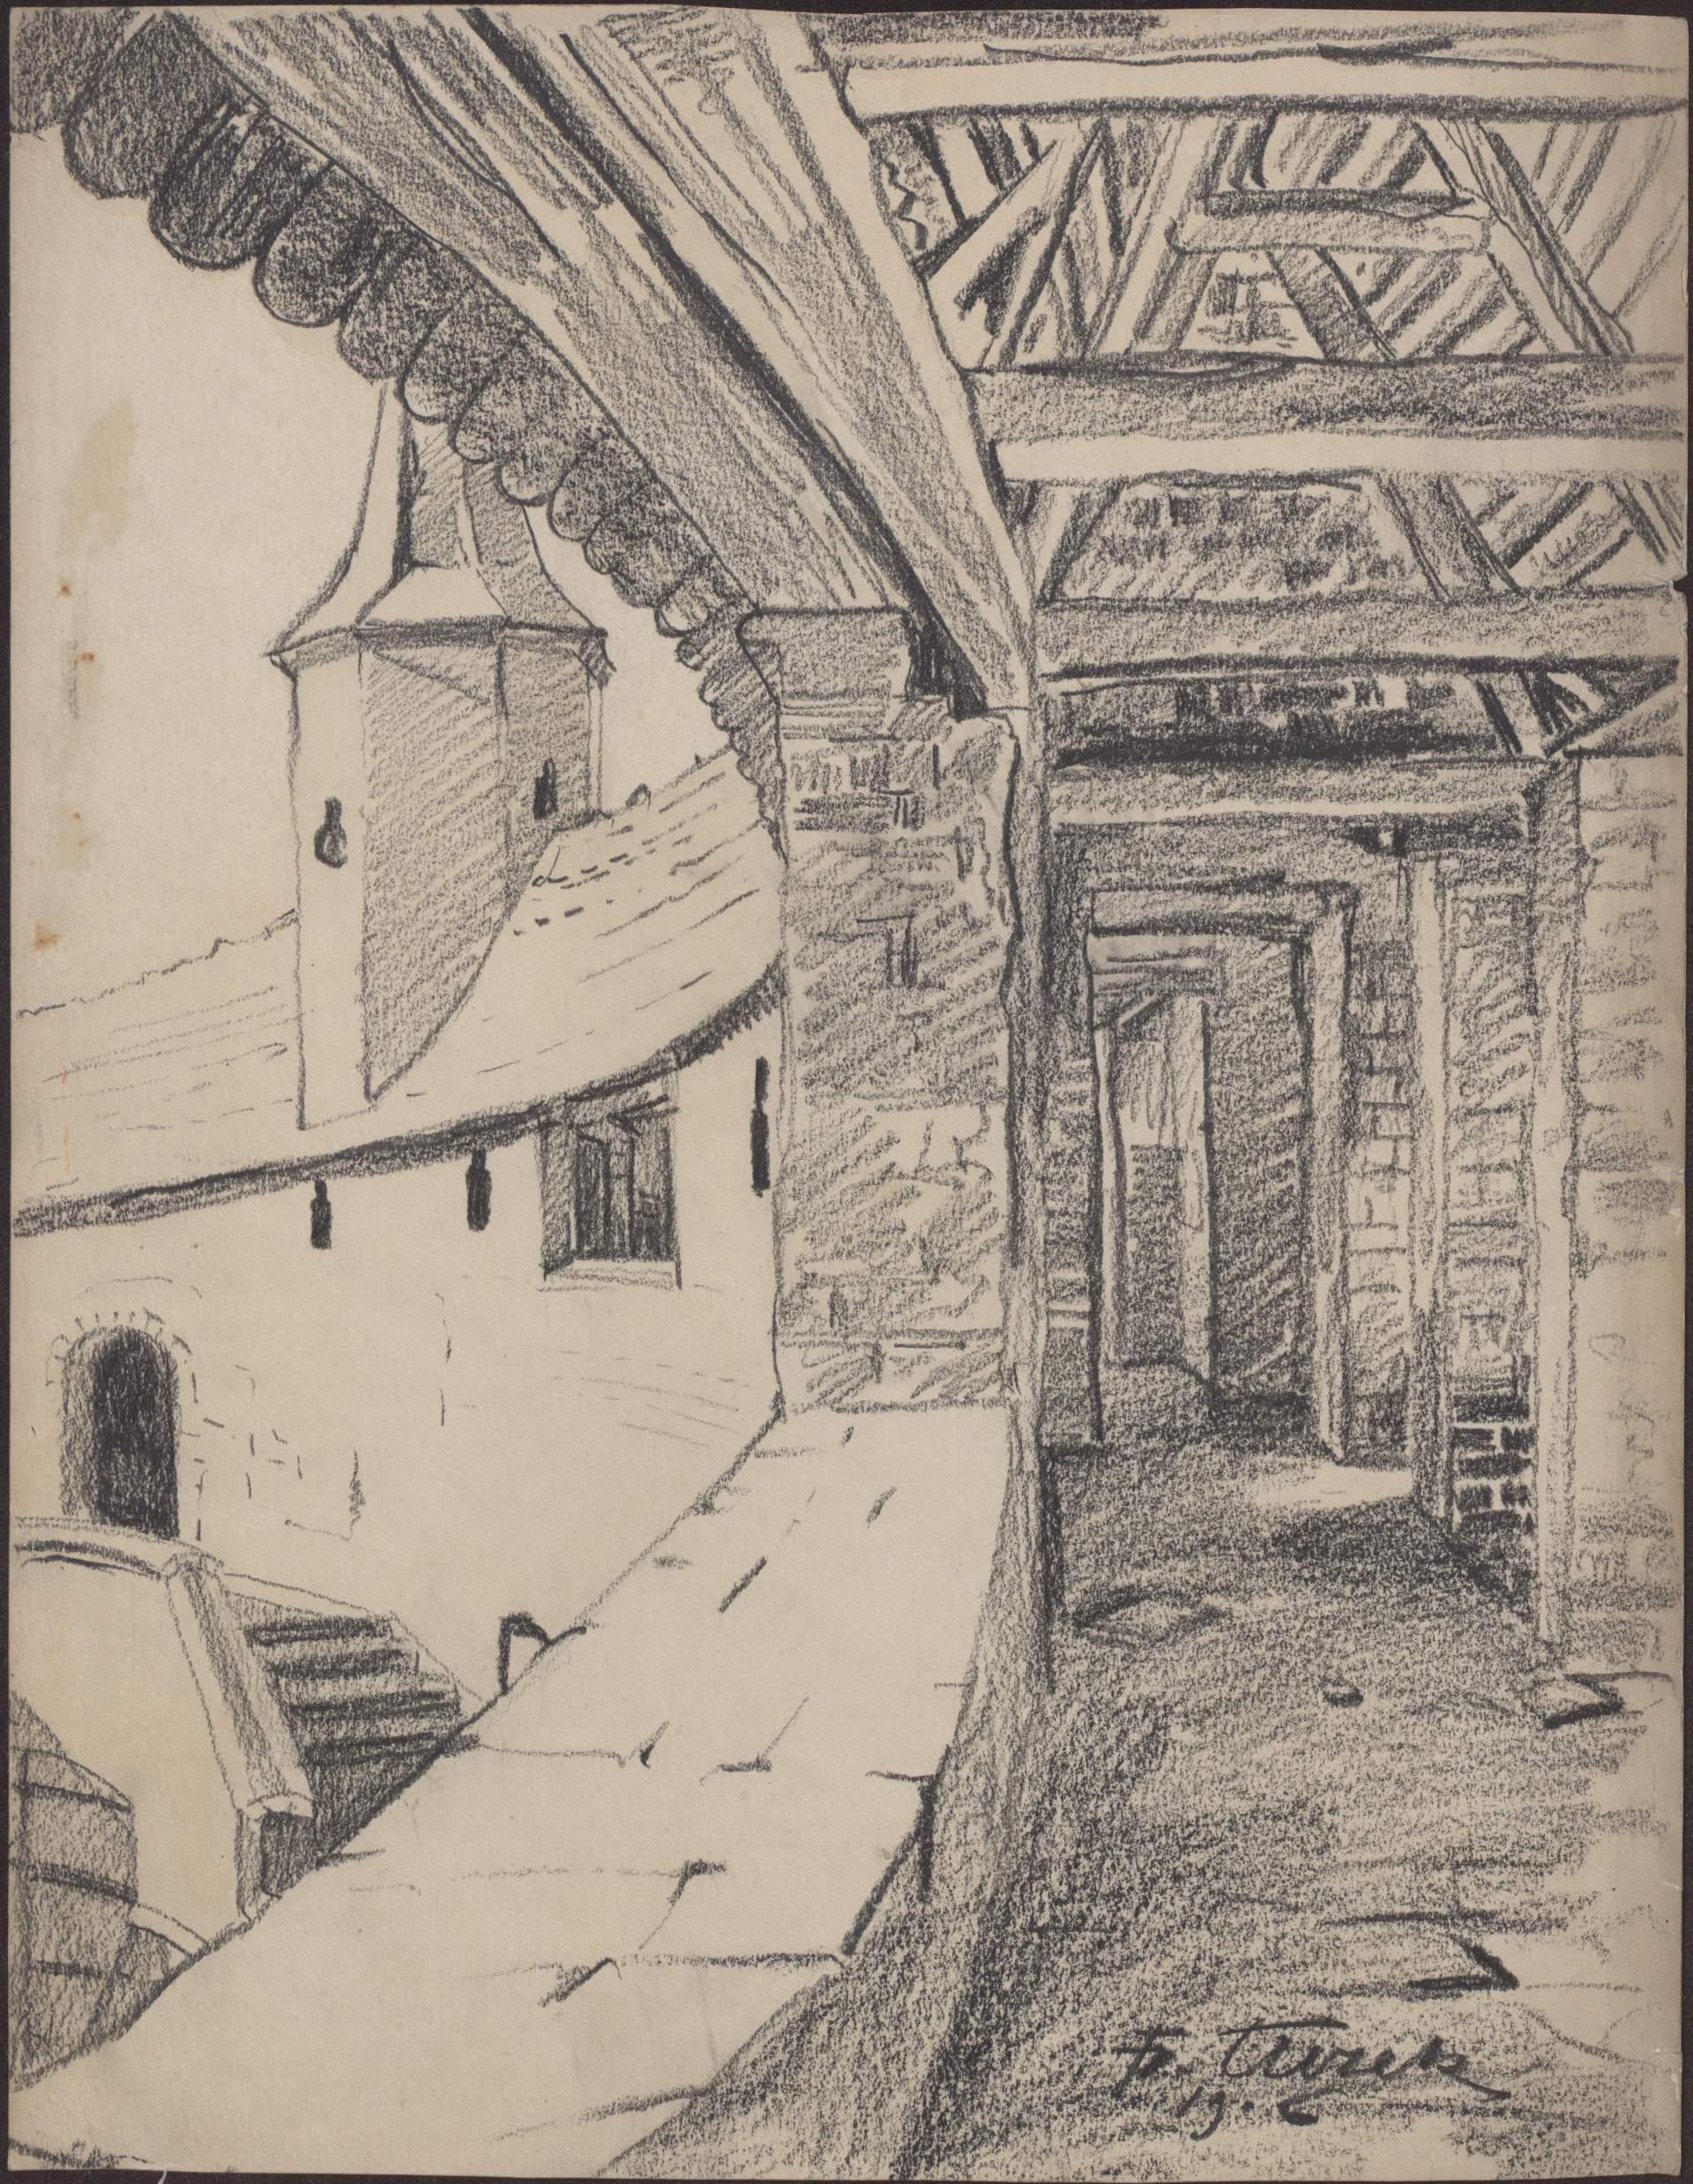 Rysunek czarną kredką przedstawiający korytarz napiętrze Barbakanu, zlewej strony schody orazwieżyczka zeszczelistym daszkiem